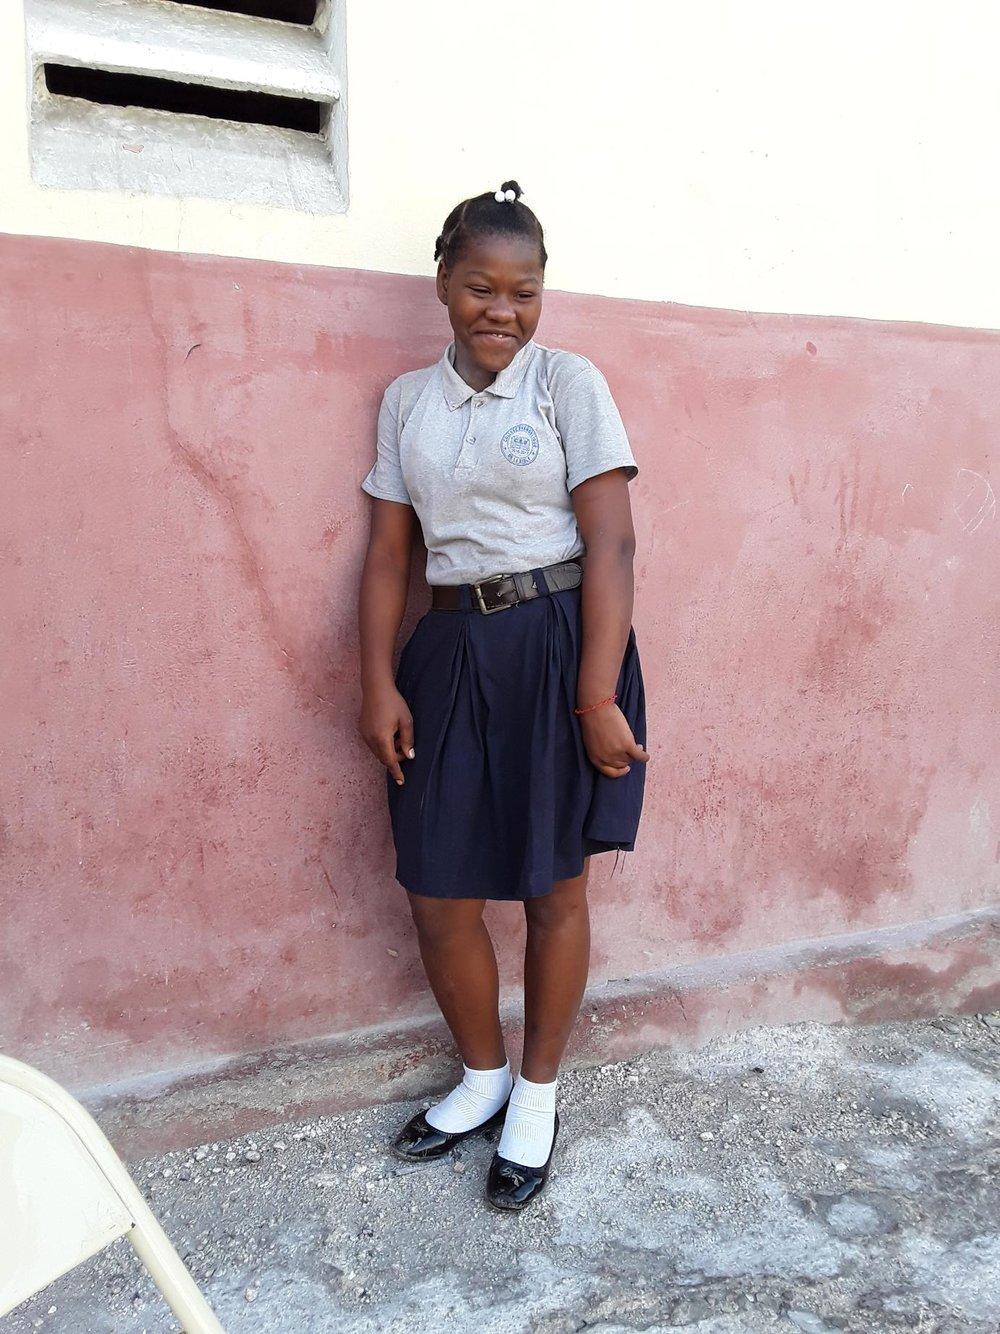 Gap Funding Girl 1.jpg